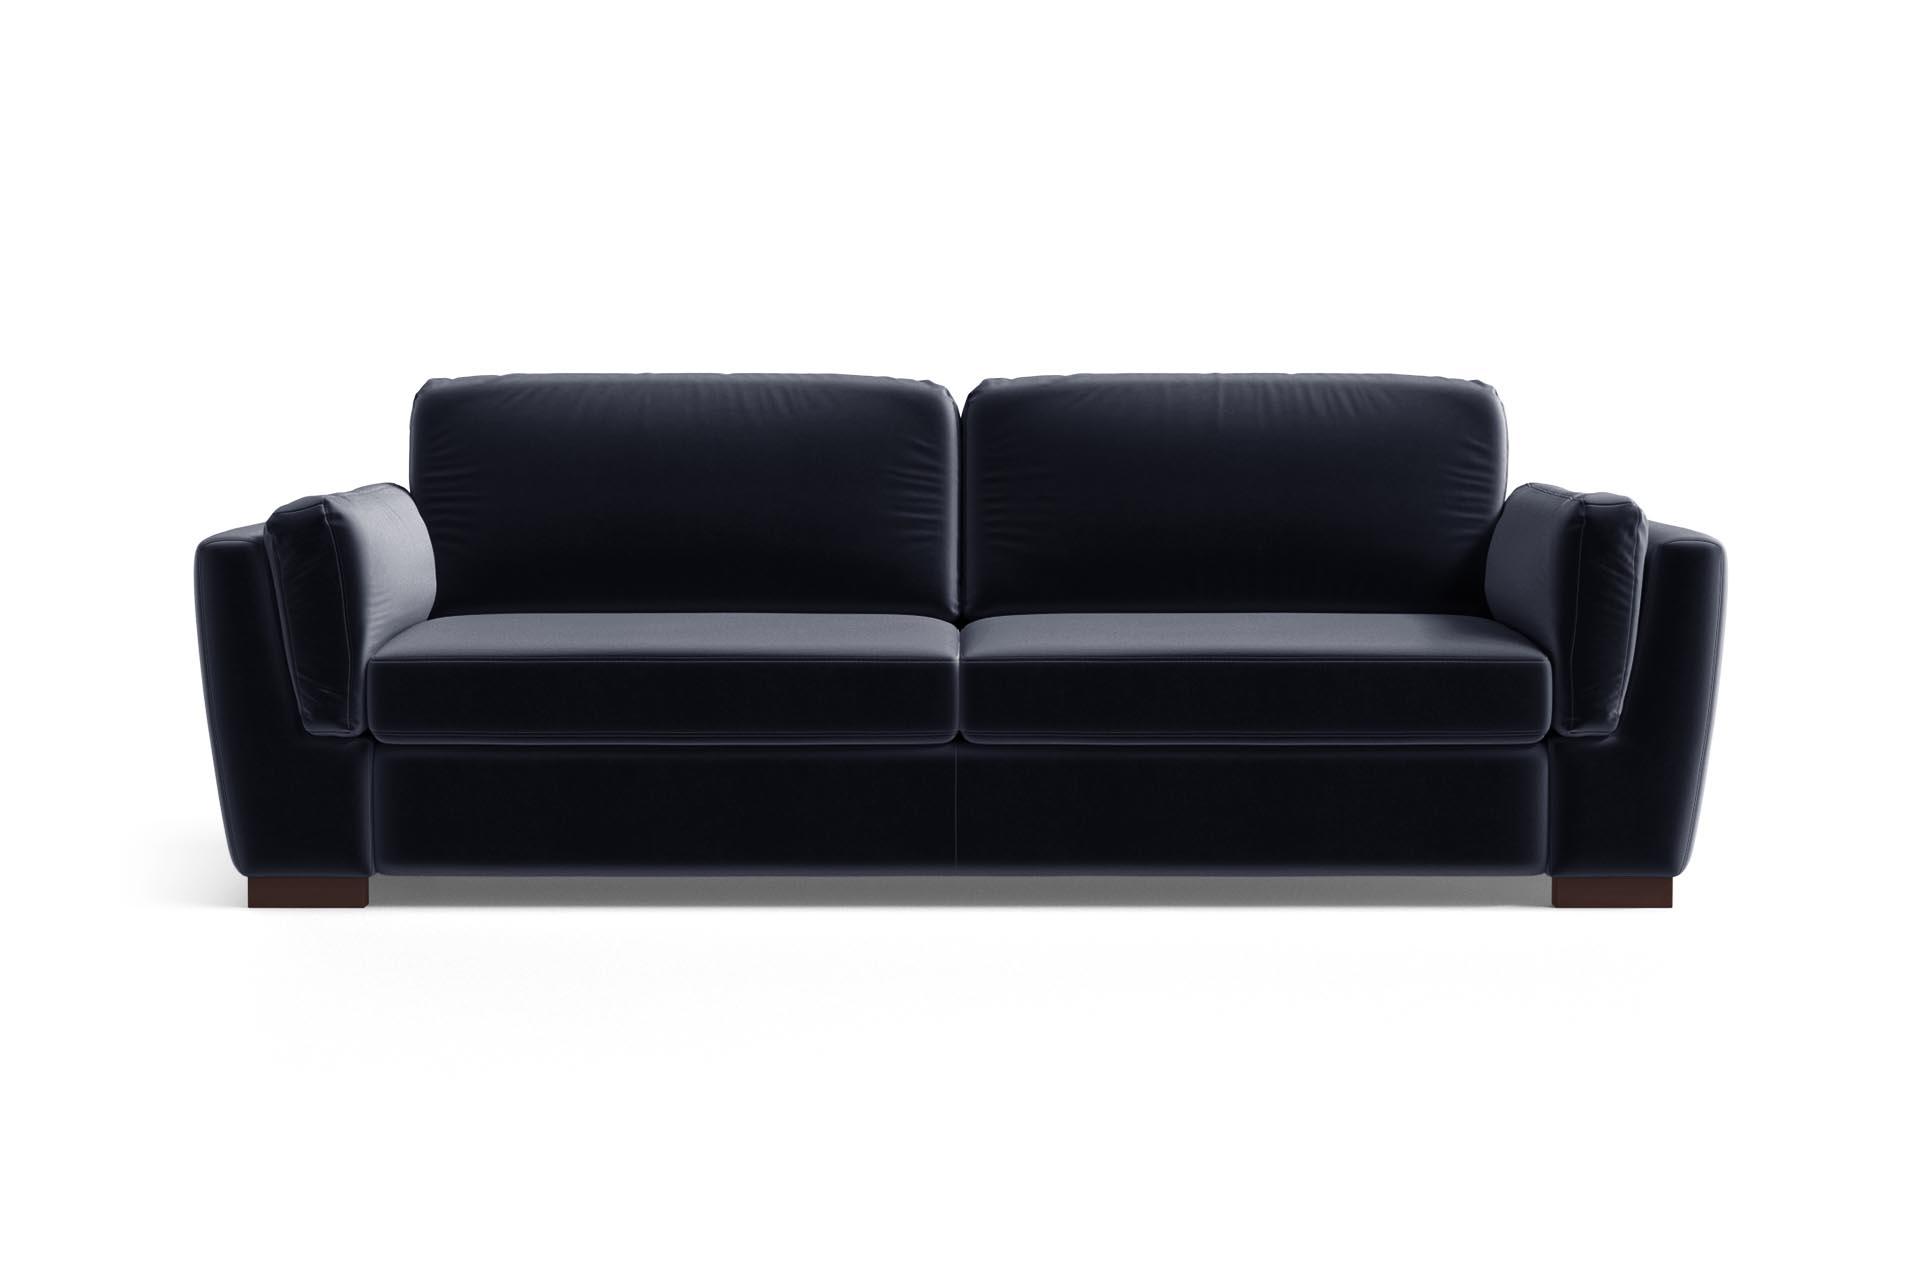 Canapé droit 3 places Bleu Velours Design